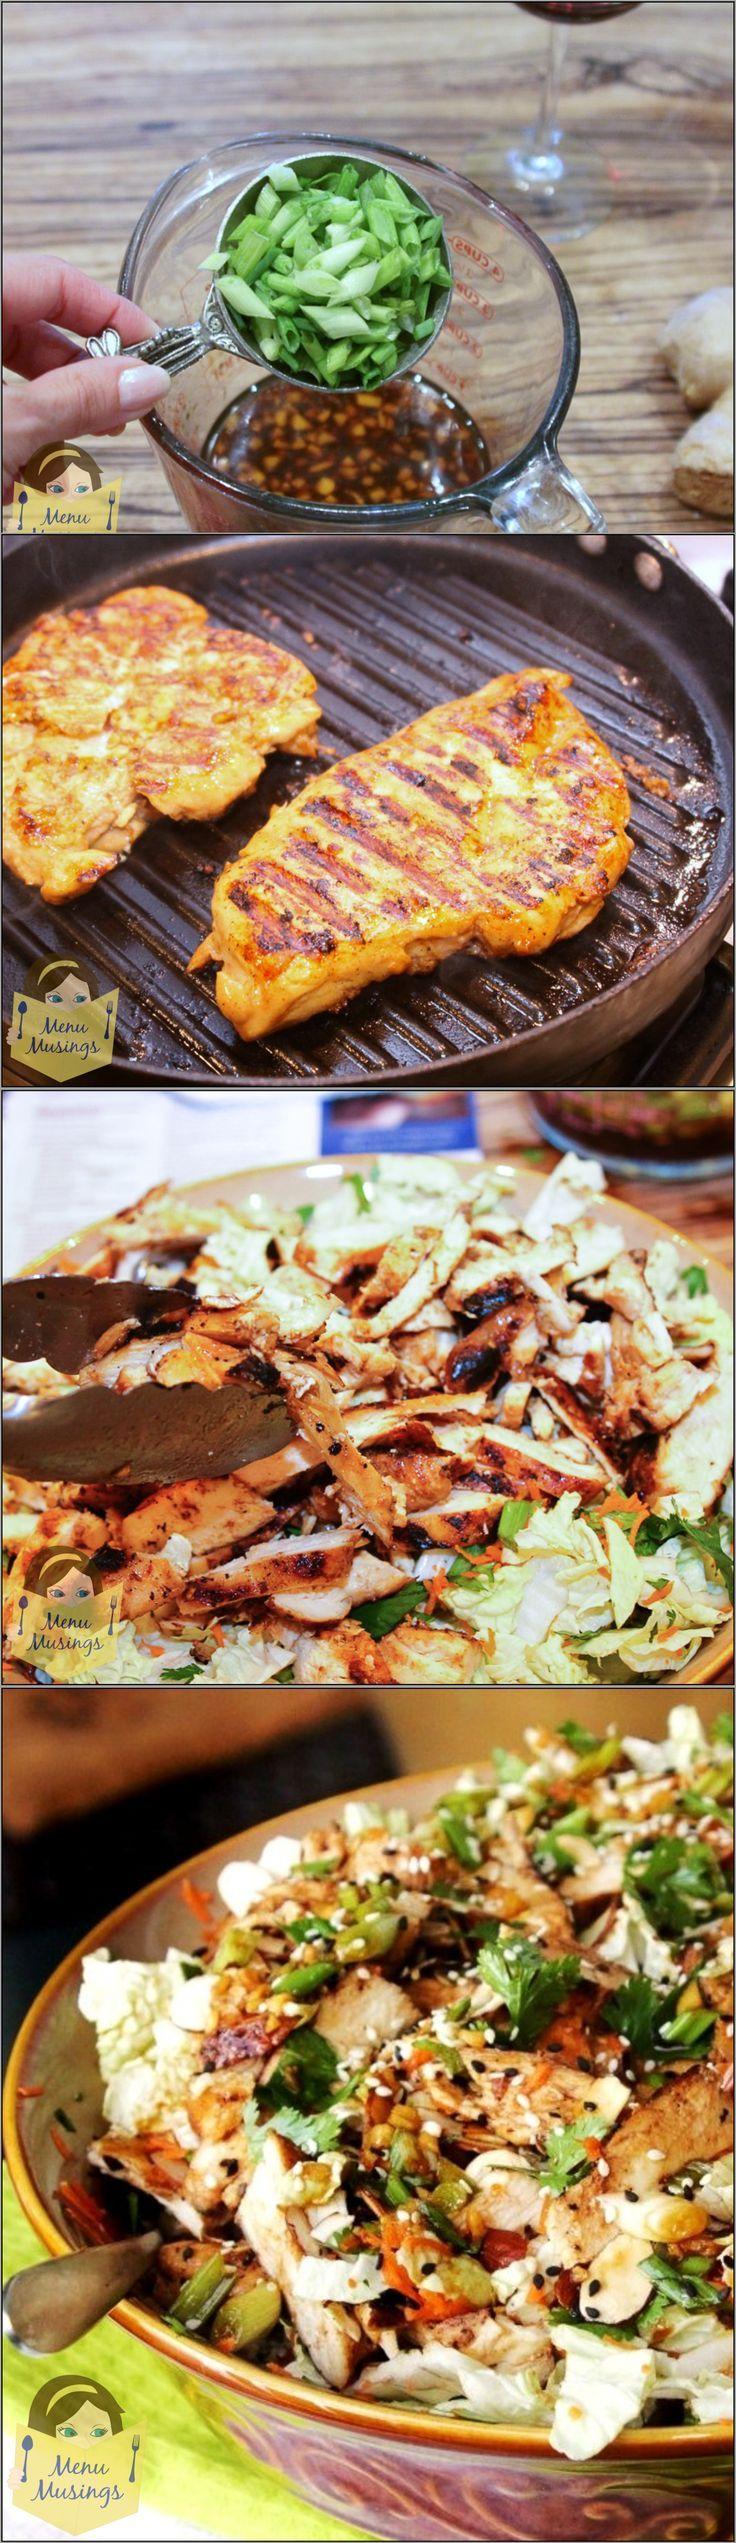 Ginger-Sesame Chicken Salad - grilled chicken, salty soy, sweet hoisin ...